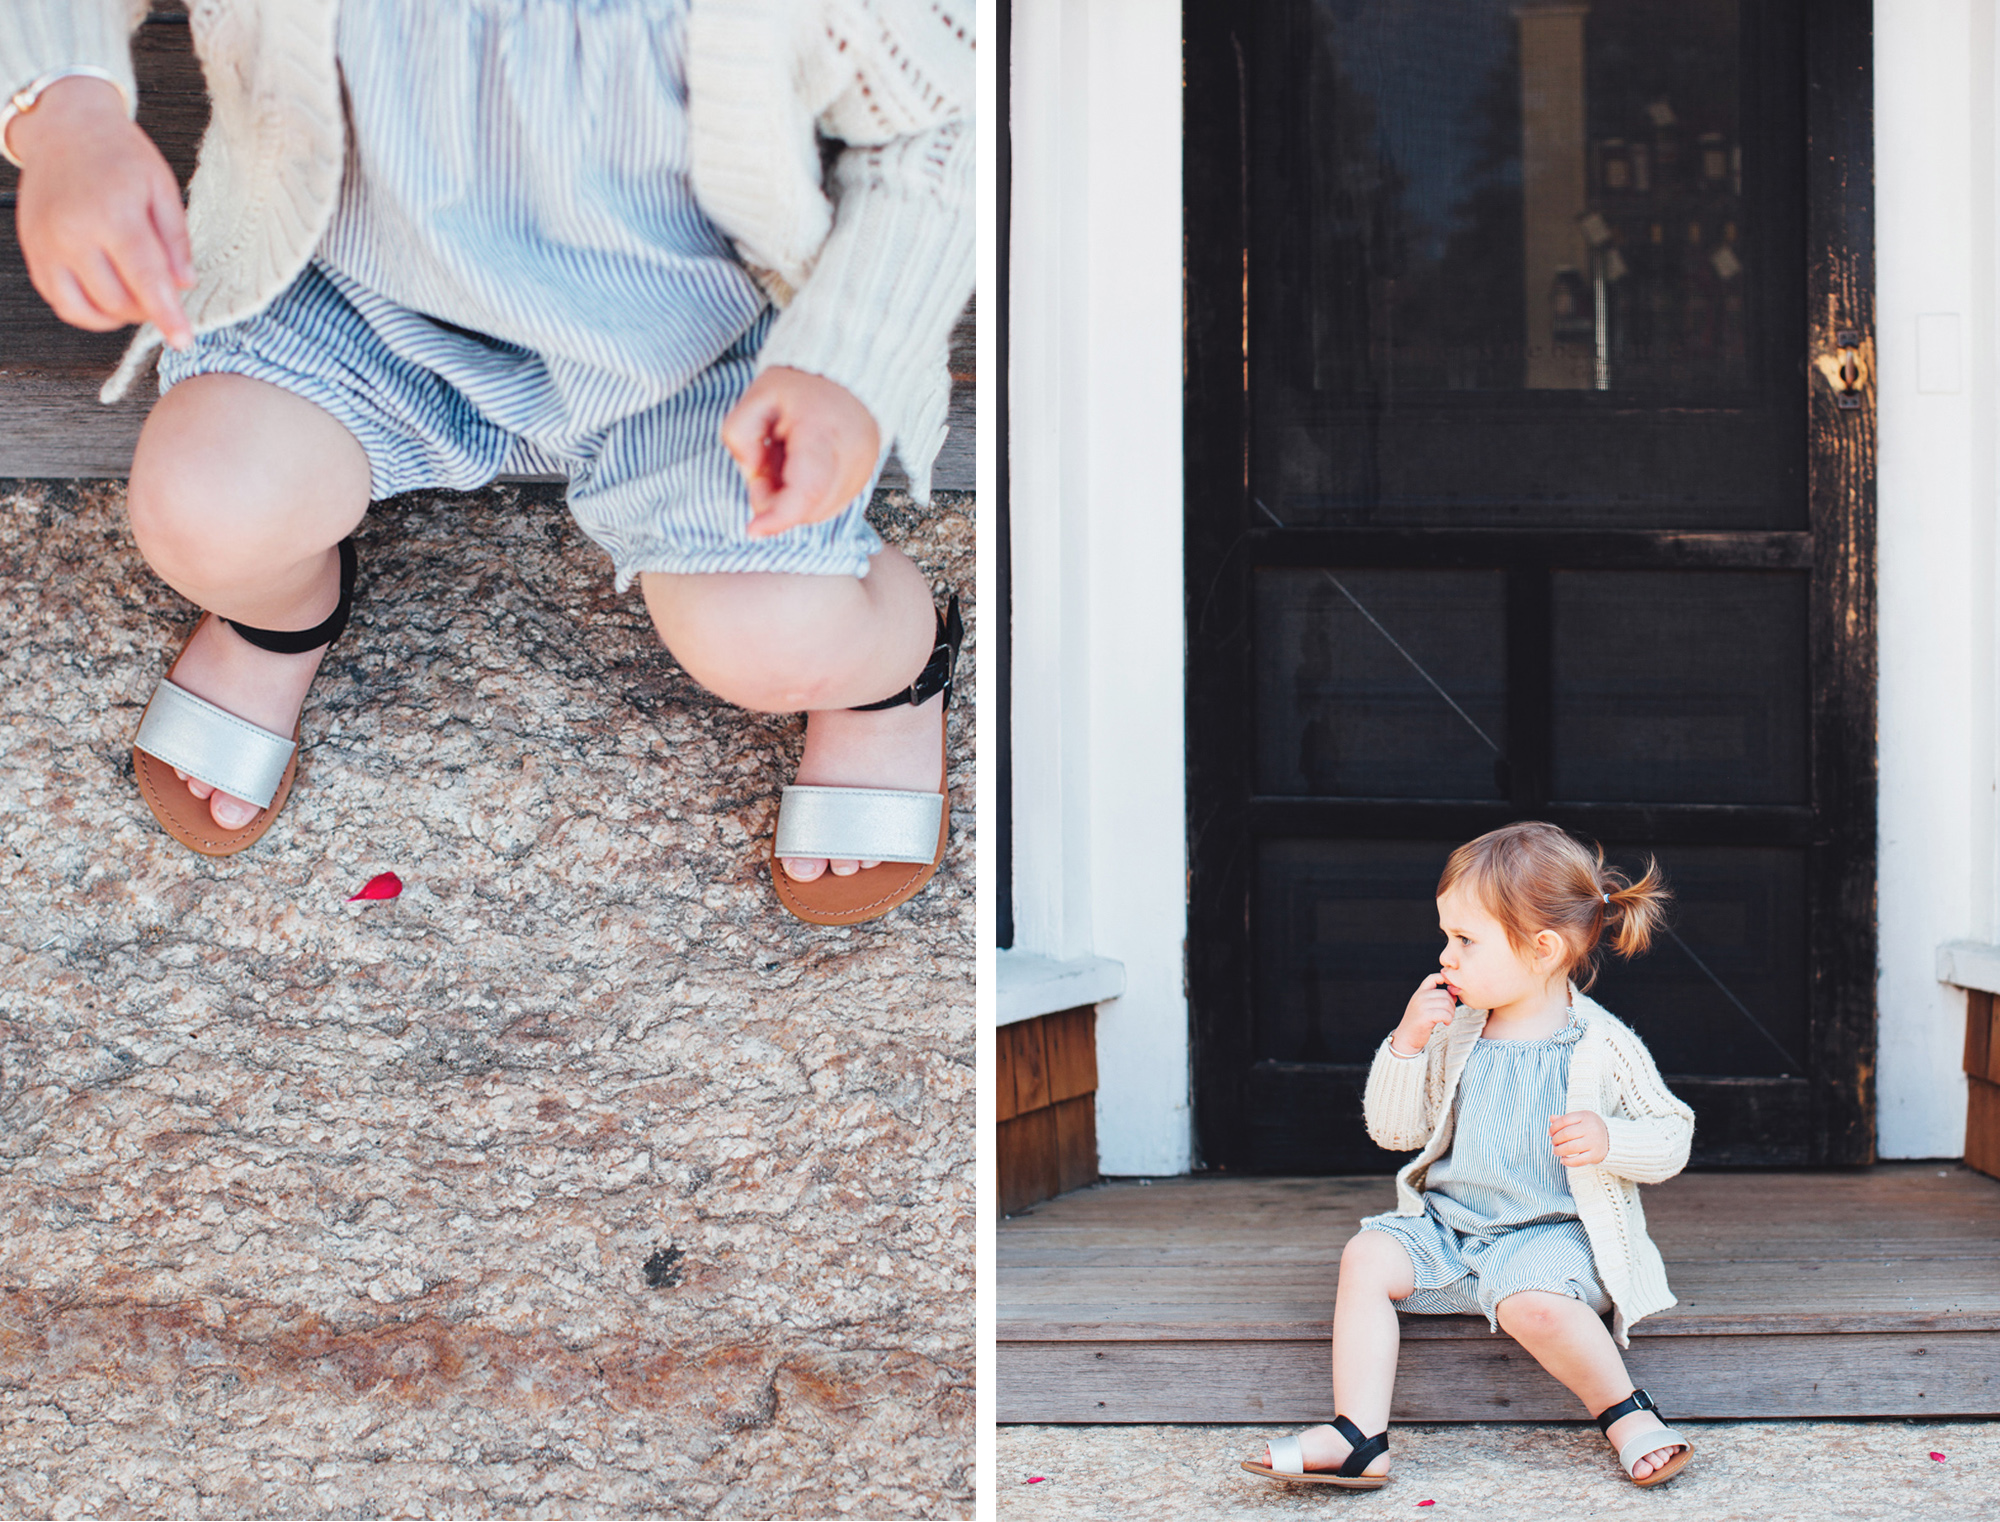 La Petite Peach_5 ways to grow your instagram 3